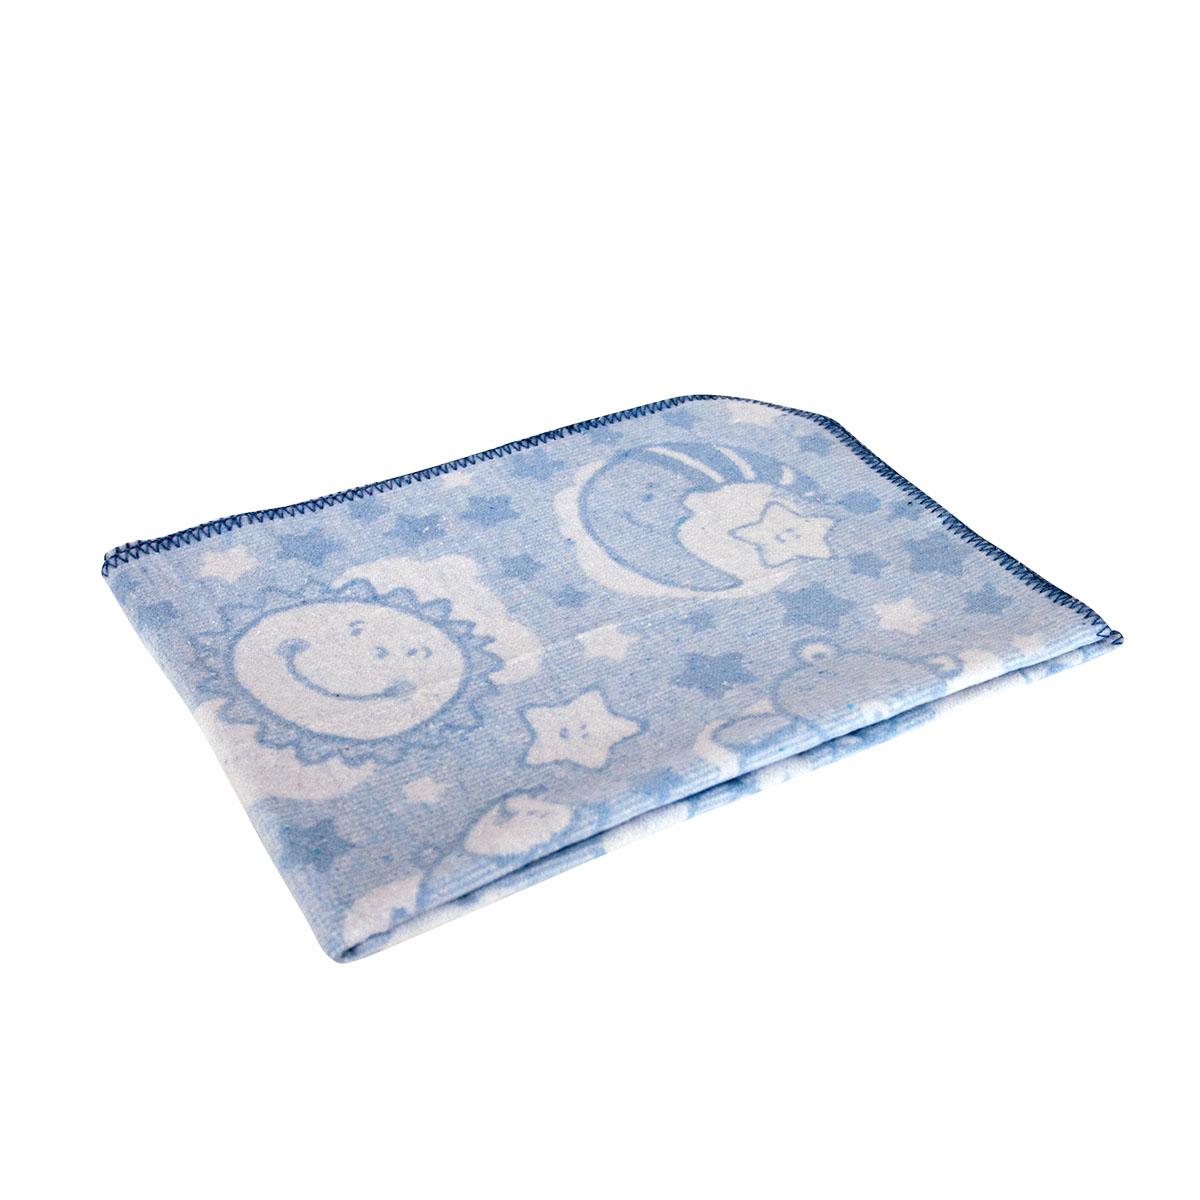 Одеяло Споки Ноки байковое 100% хлопок жаккард 85х115 Звездная ночь (голубой, розовый, бежевый)<br>